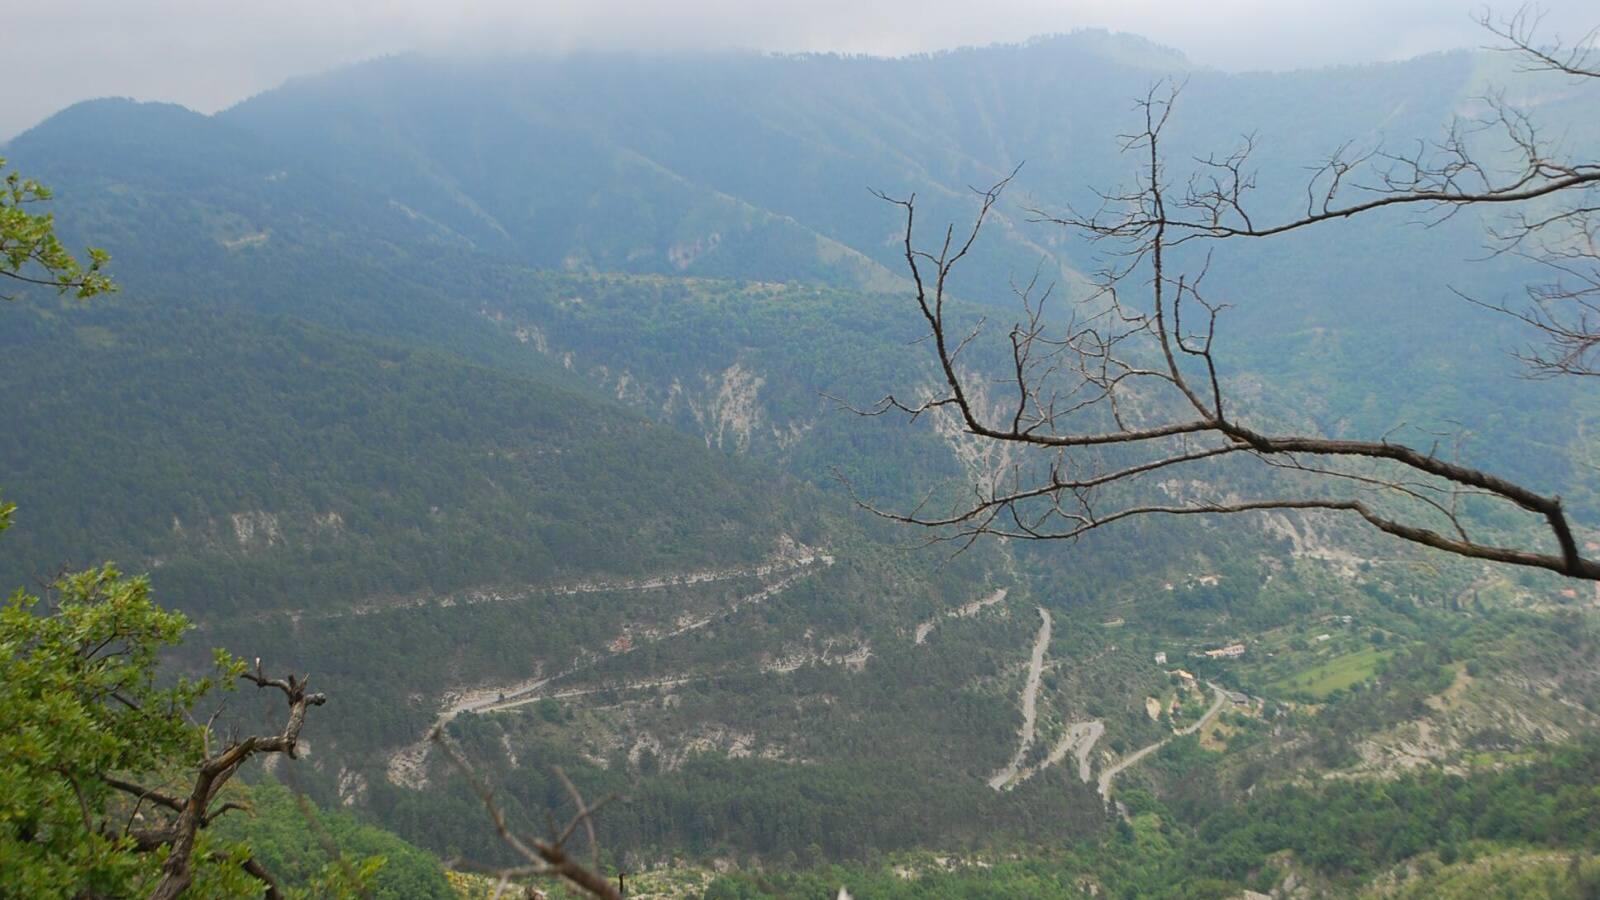 vrchol prusmyku Col de Turini